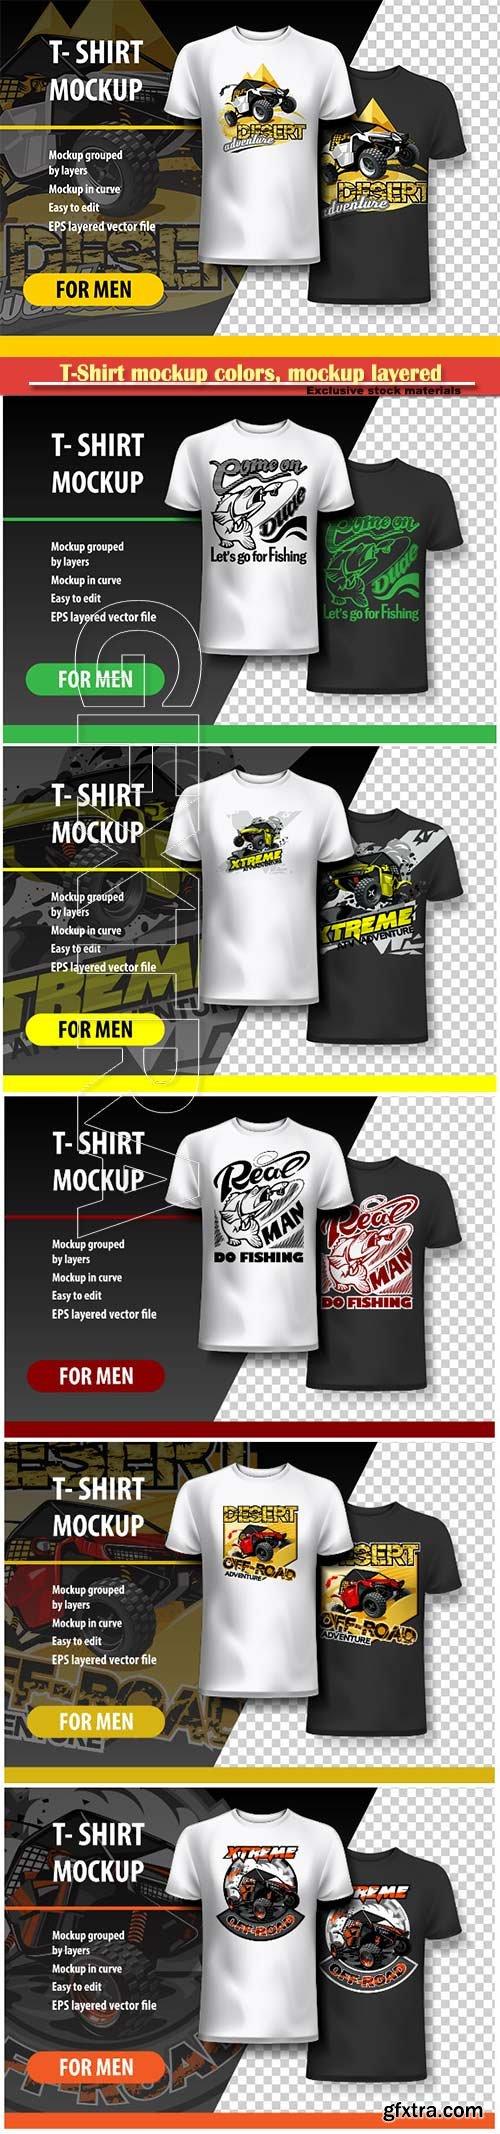 T-Shirt mockup colors, mockup layered and editable